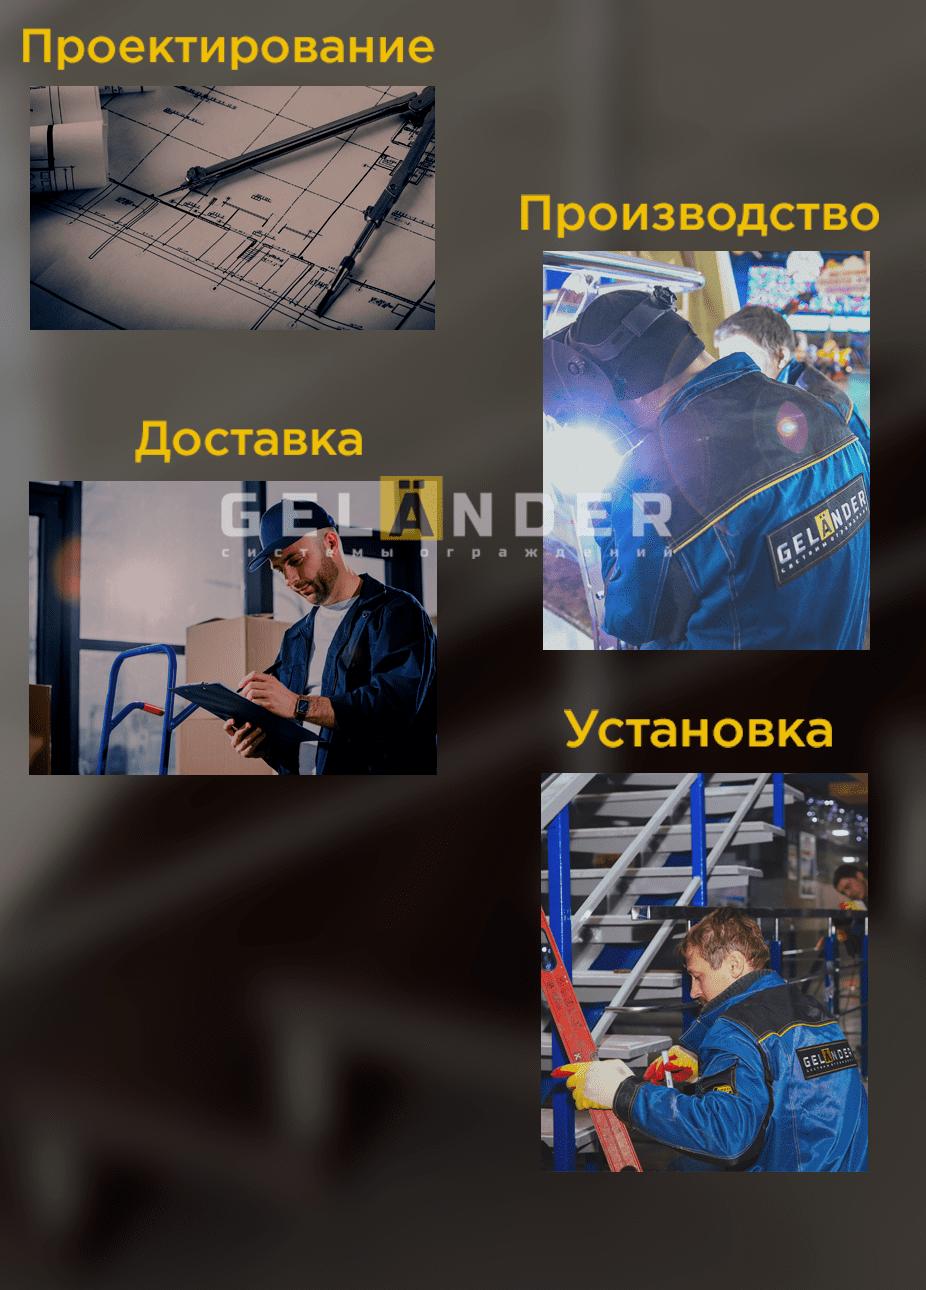 ГЕОГРАФИЯ И УСЛУГИ ограждений лестниц промсервис